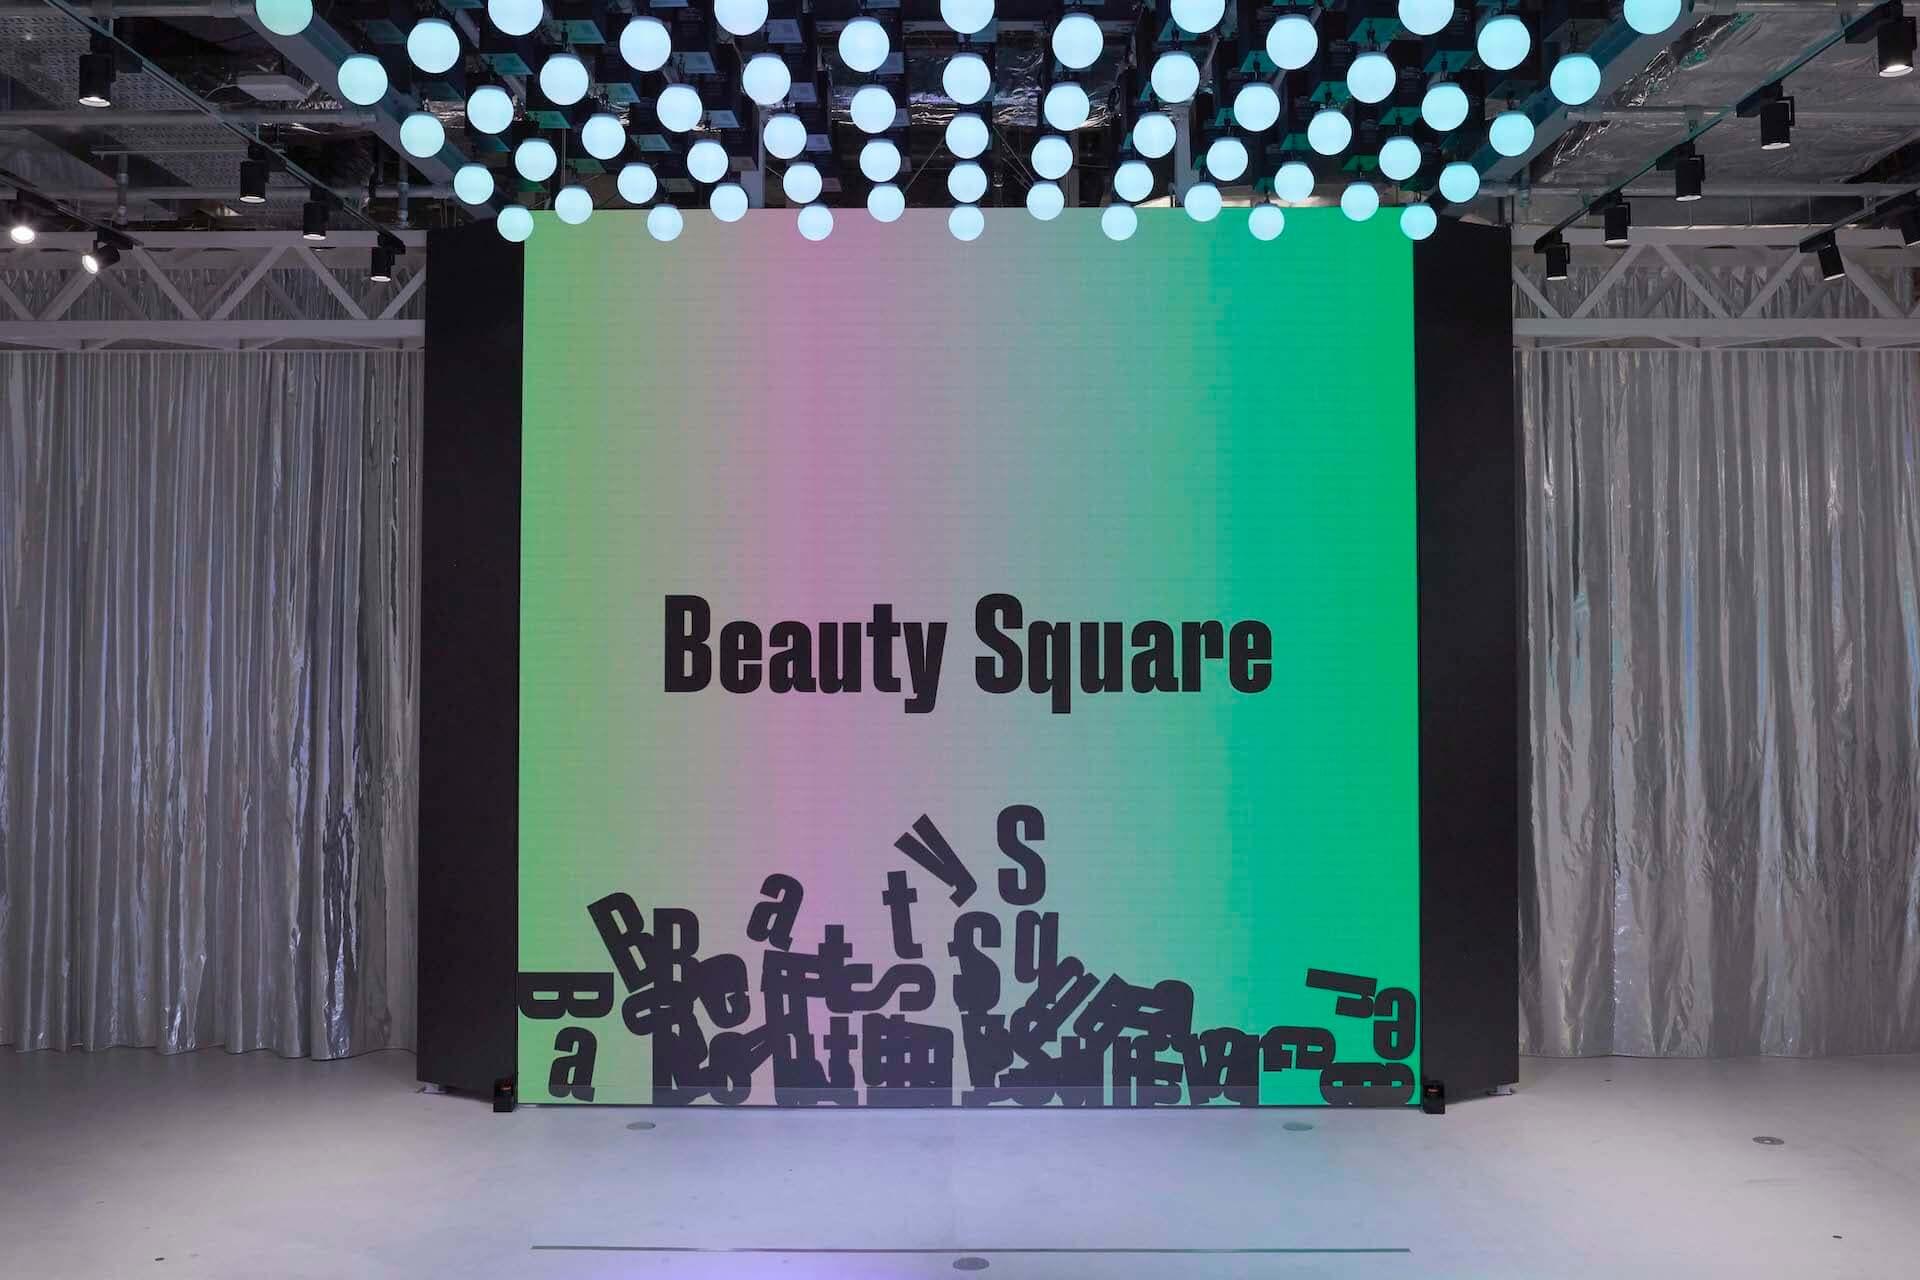 きゃりーぱみゅぱみゅがアンバサダーを務める資生堂・Beauty SquareがWITH HARAJUKUにオープン プロによるヘメイクやデジタルアバターコンテンツが体験できる! d7d8eefbbcb0ed2871fb609ed90763eb-1920x1280